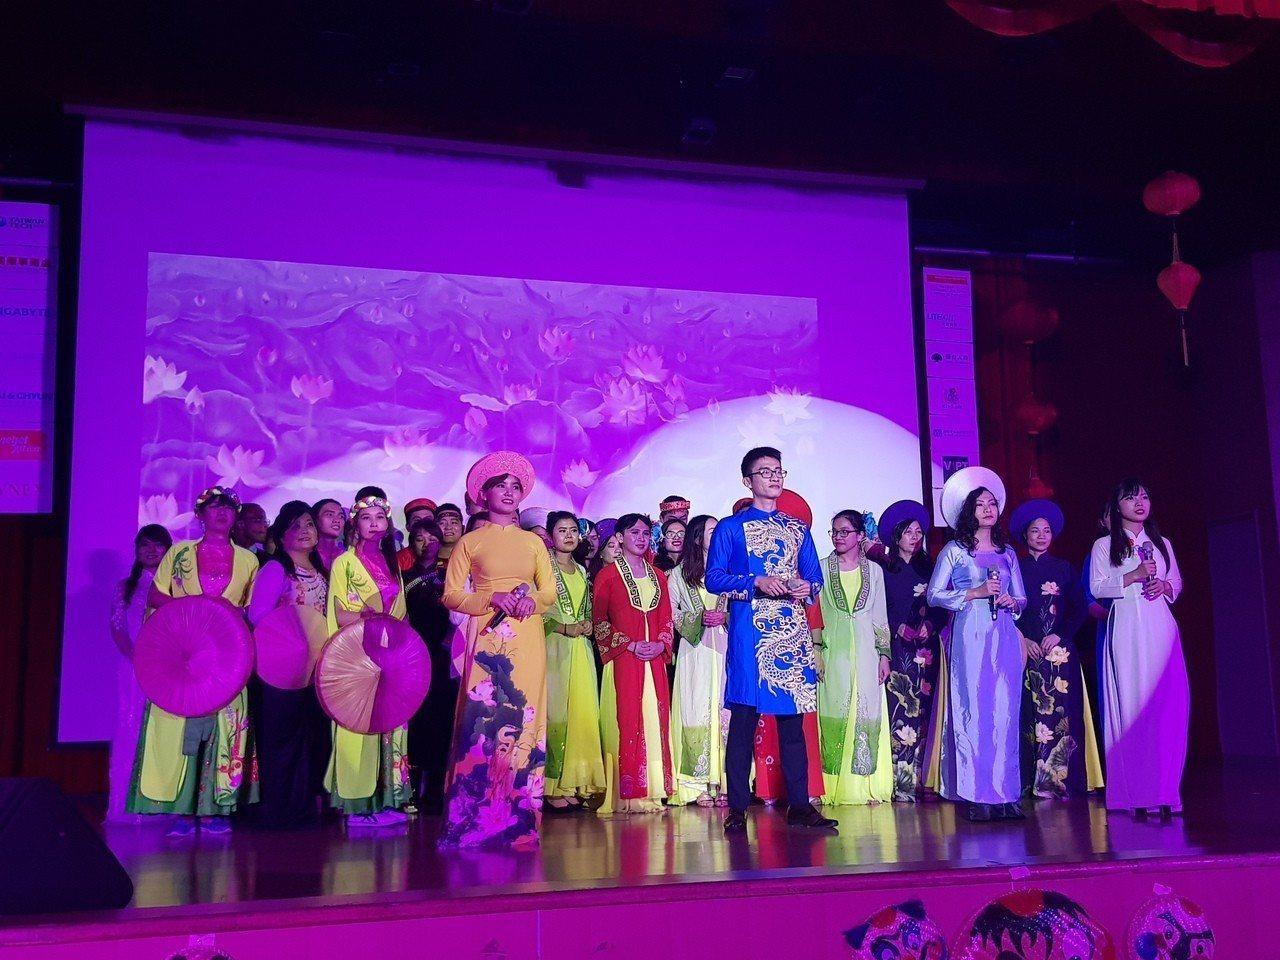 台科大昨天舉行越南文化節晚會,學生們同台狂歡。圖/移民署提供